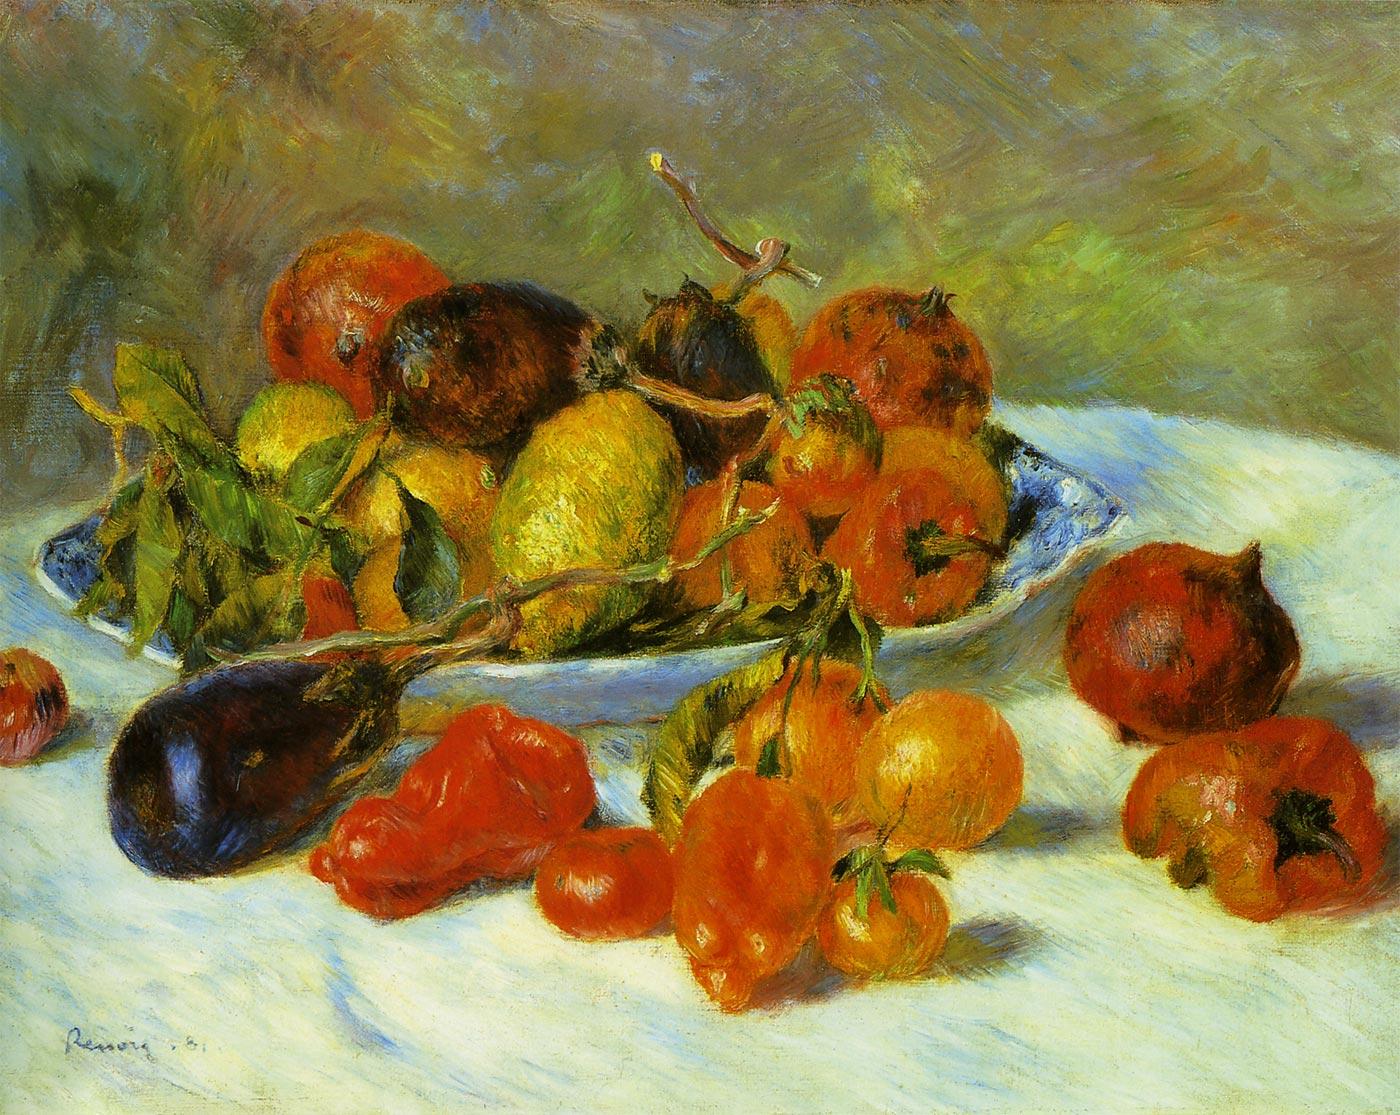 【送料無料】複製名画油絵 ルノワール作「南仏の果実」額付き 絵画サイズ: 30x40 cm